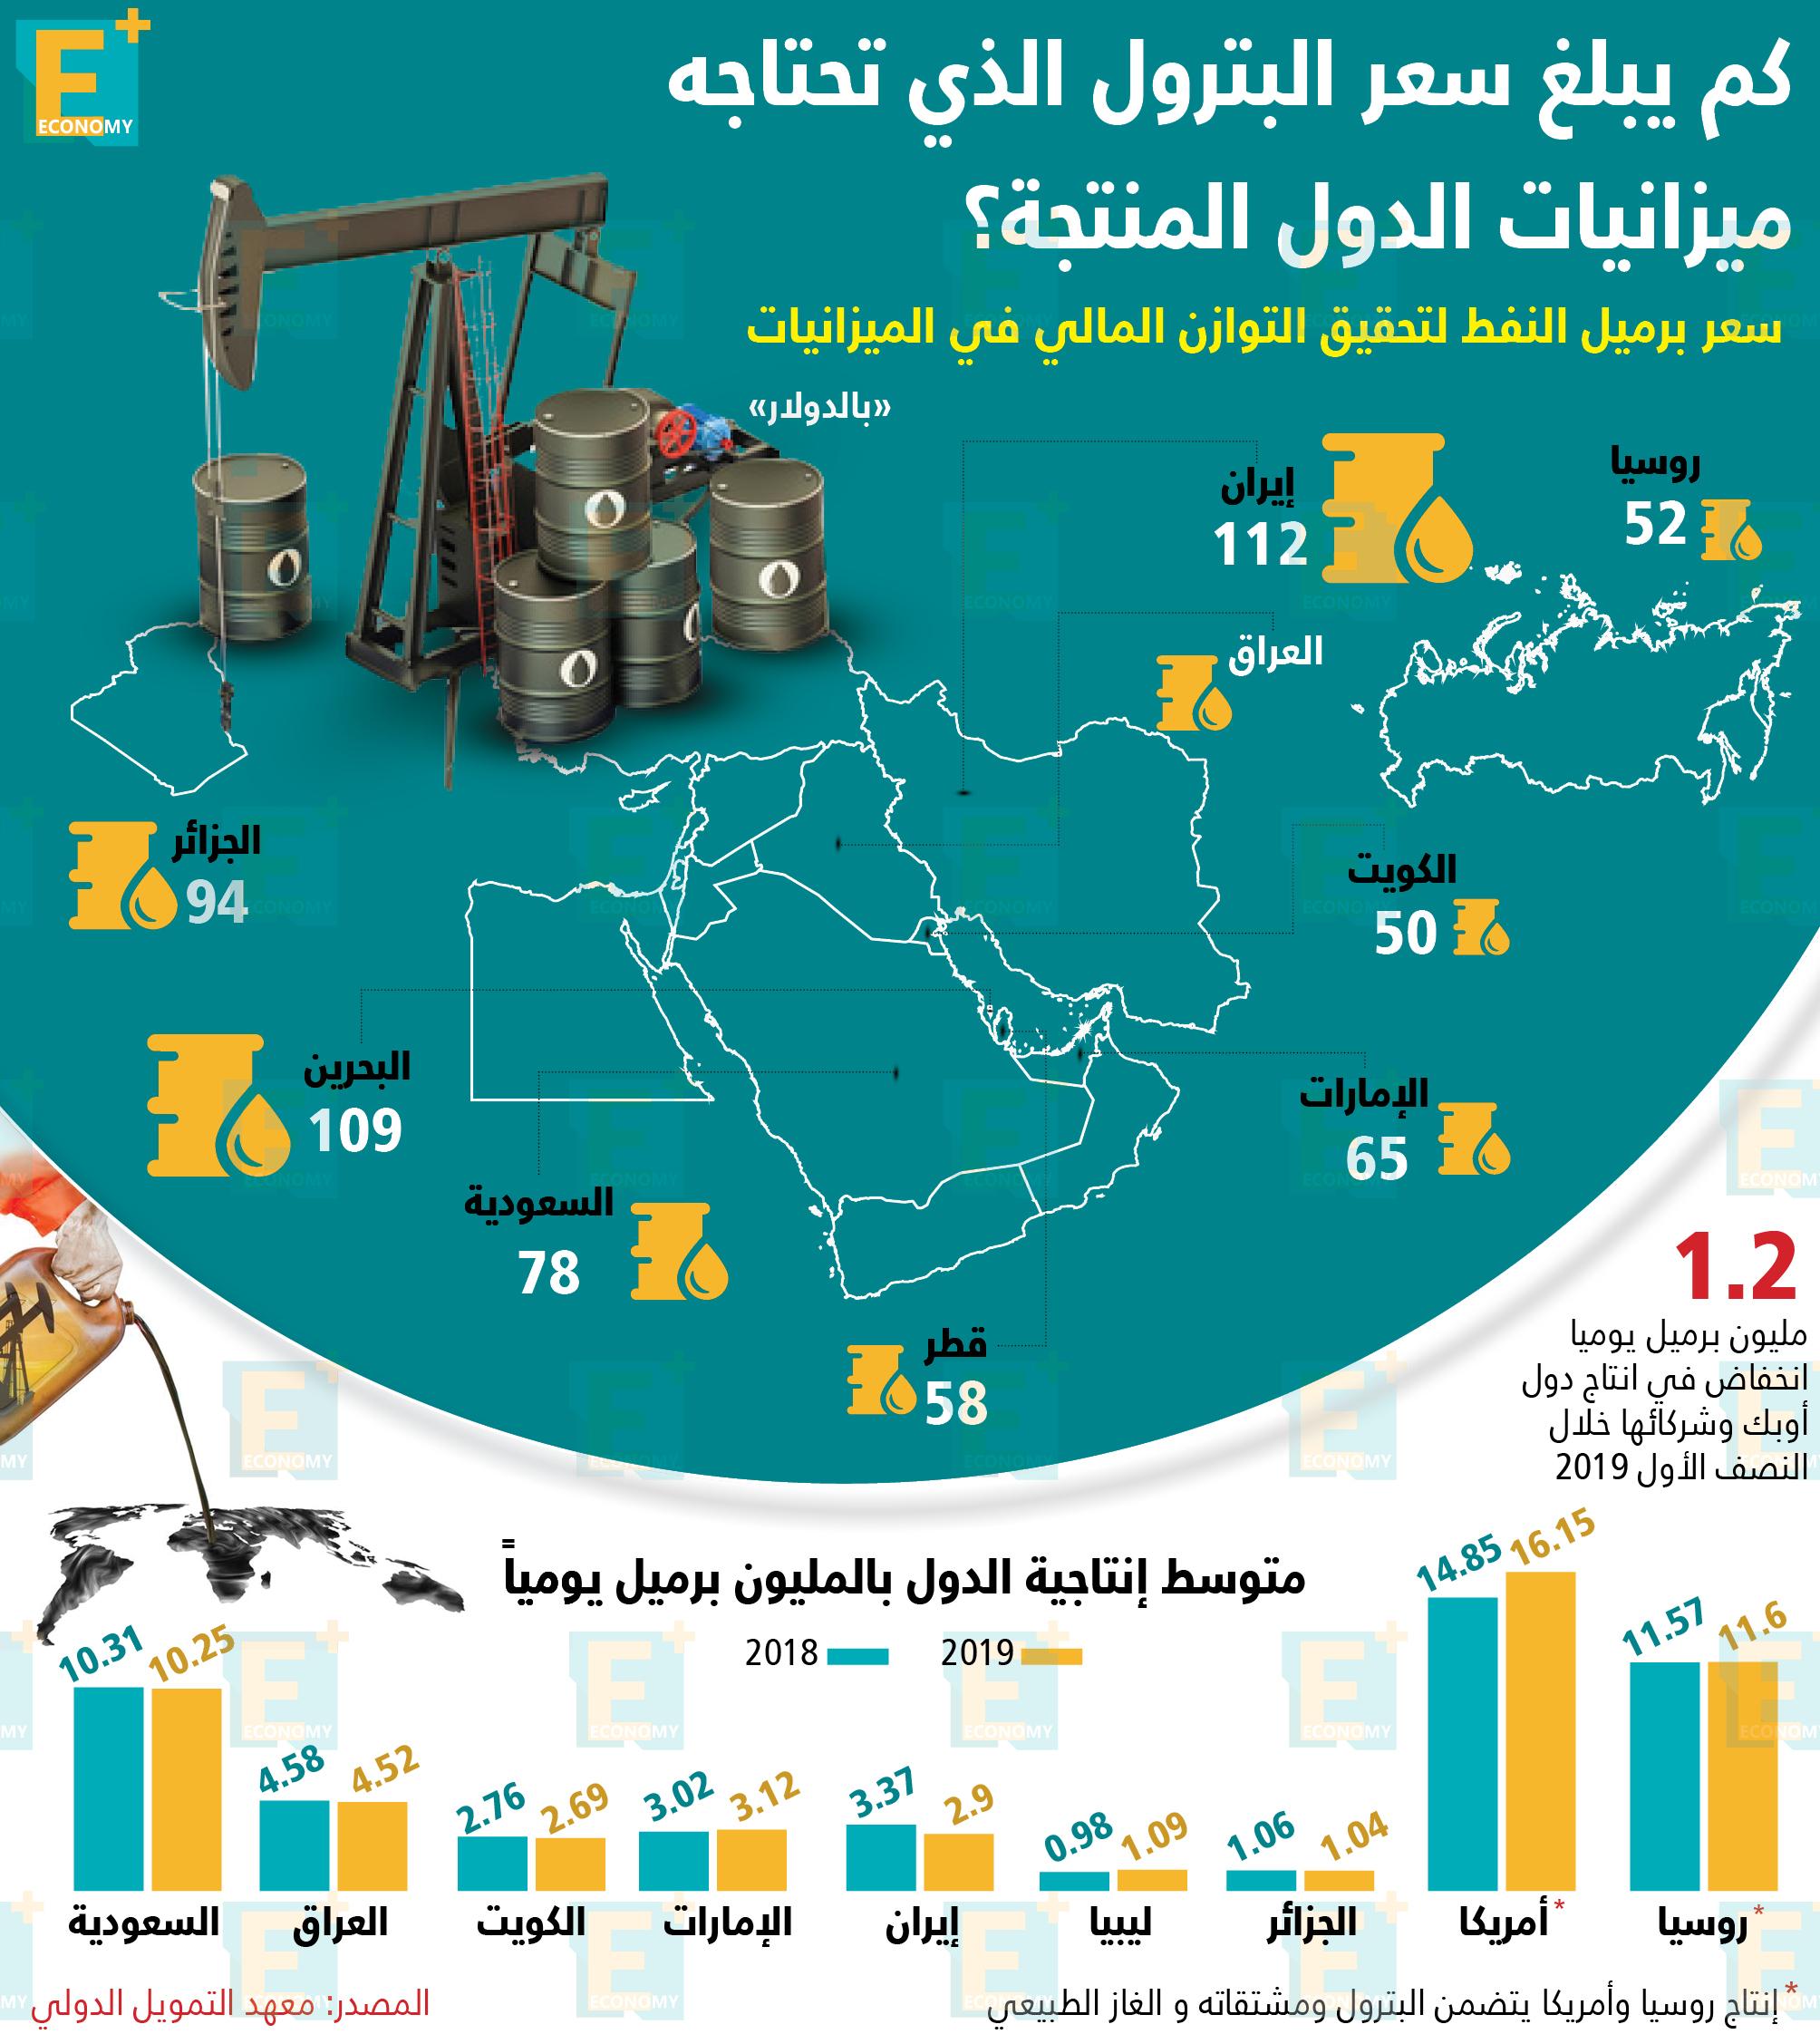 كم يبلغ سعر البترول الذي تحتاجه ميزانيات الدول المنتجة ...